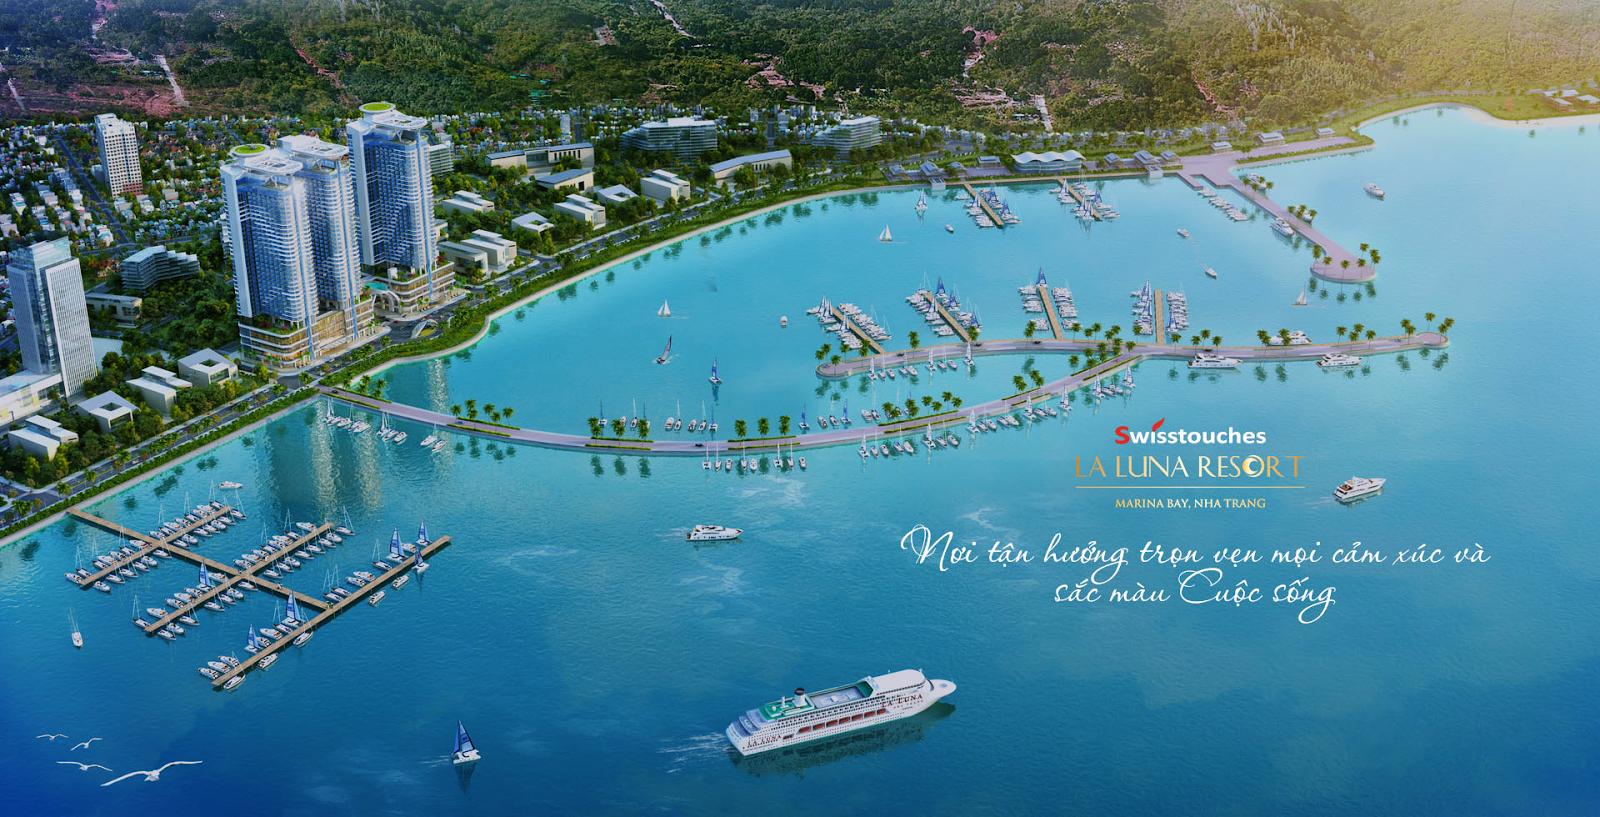 Phối cảnh dự án La Luna Resort Nha Trang